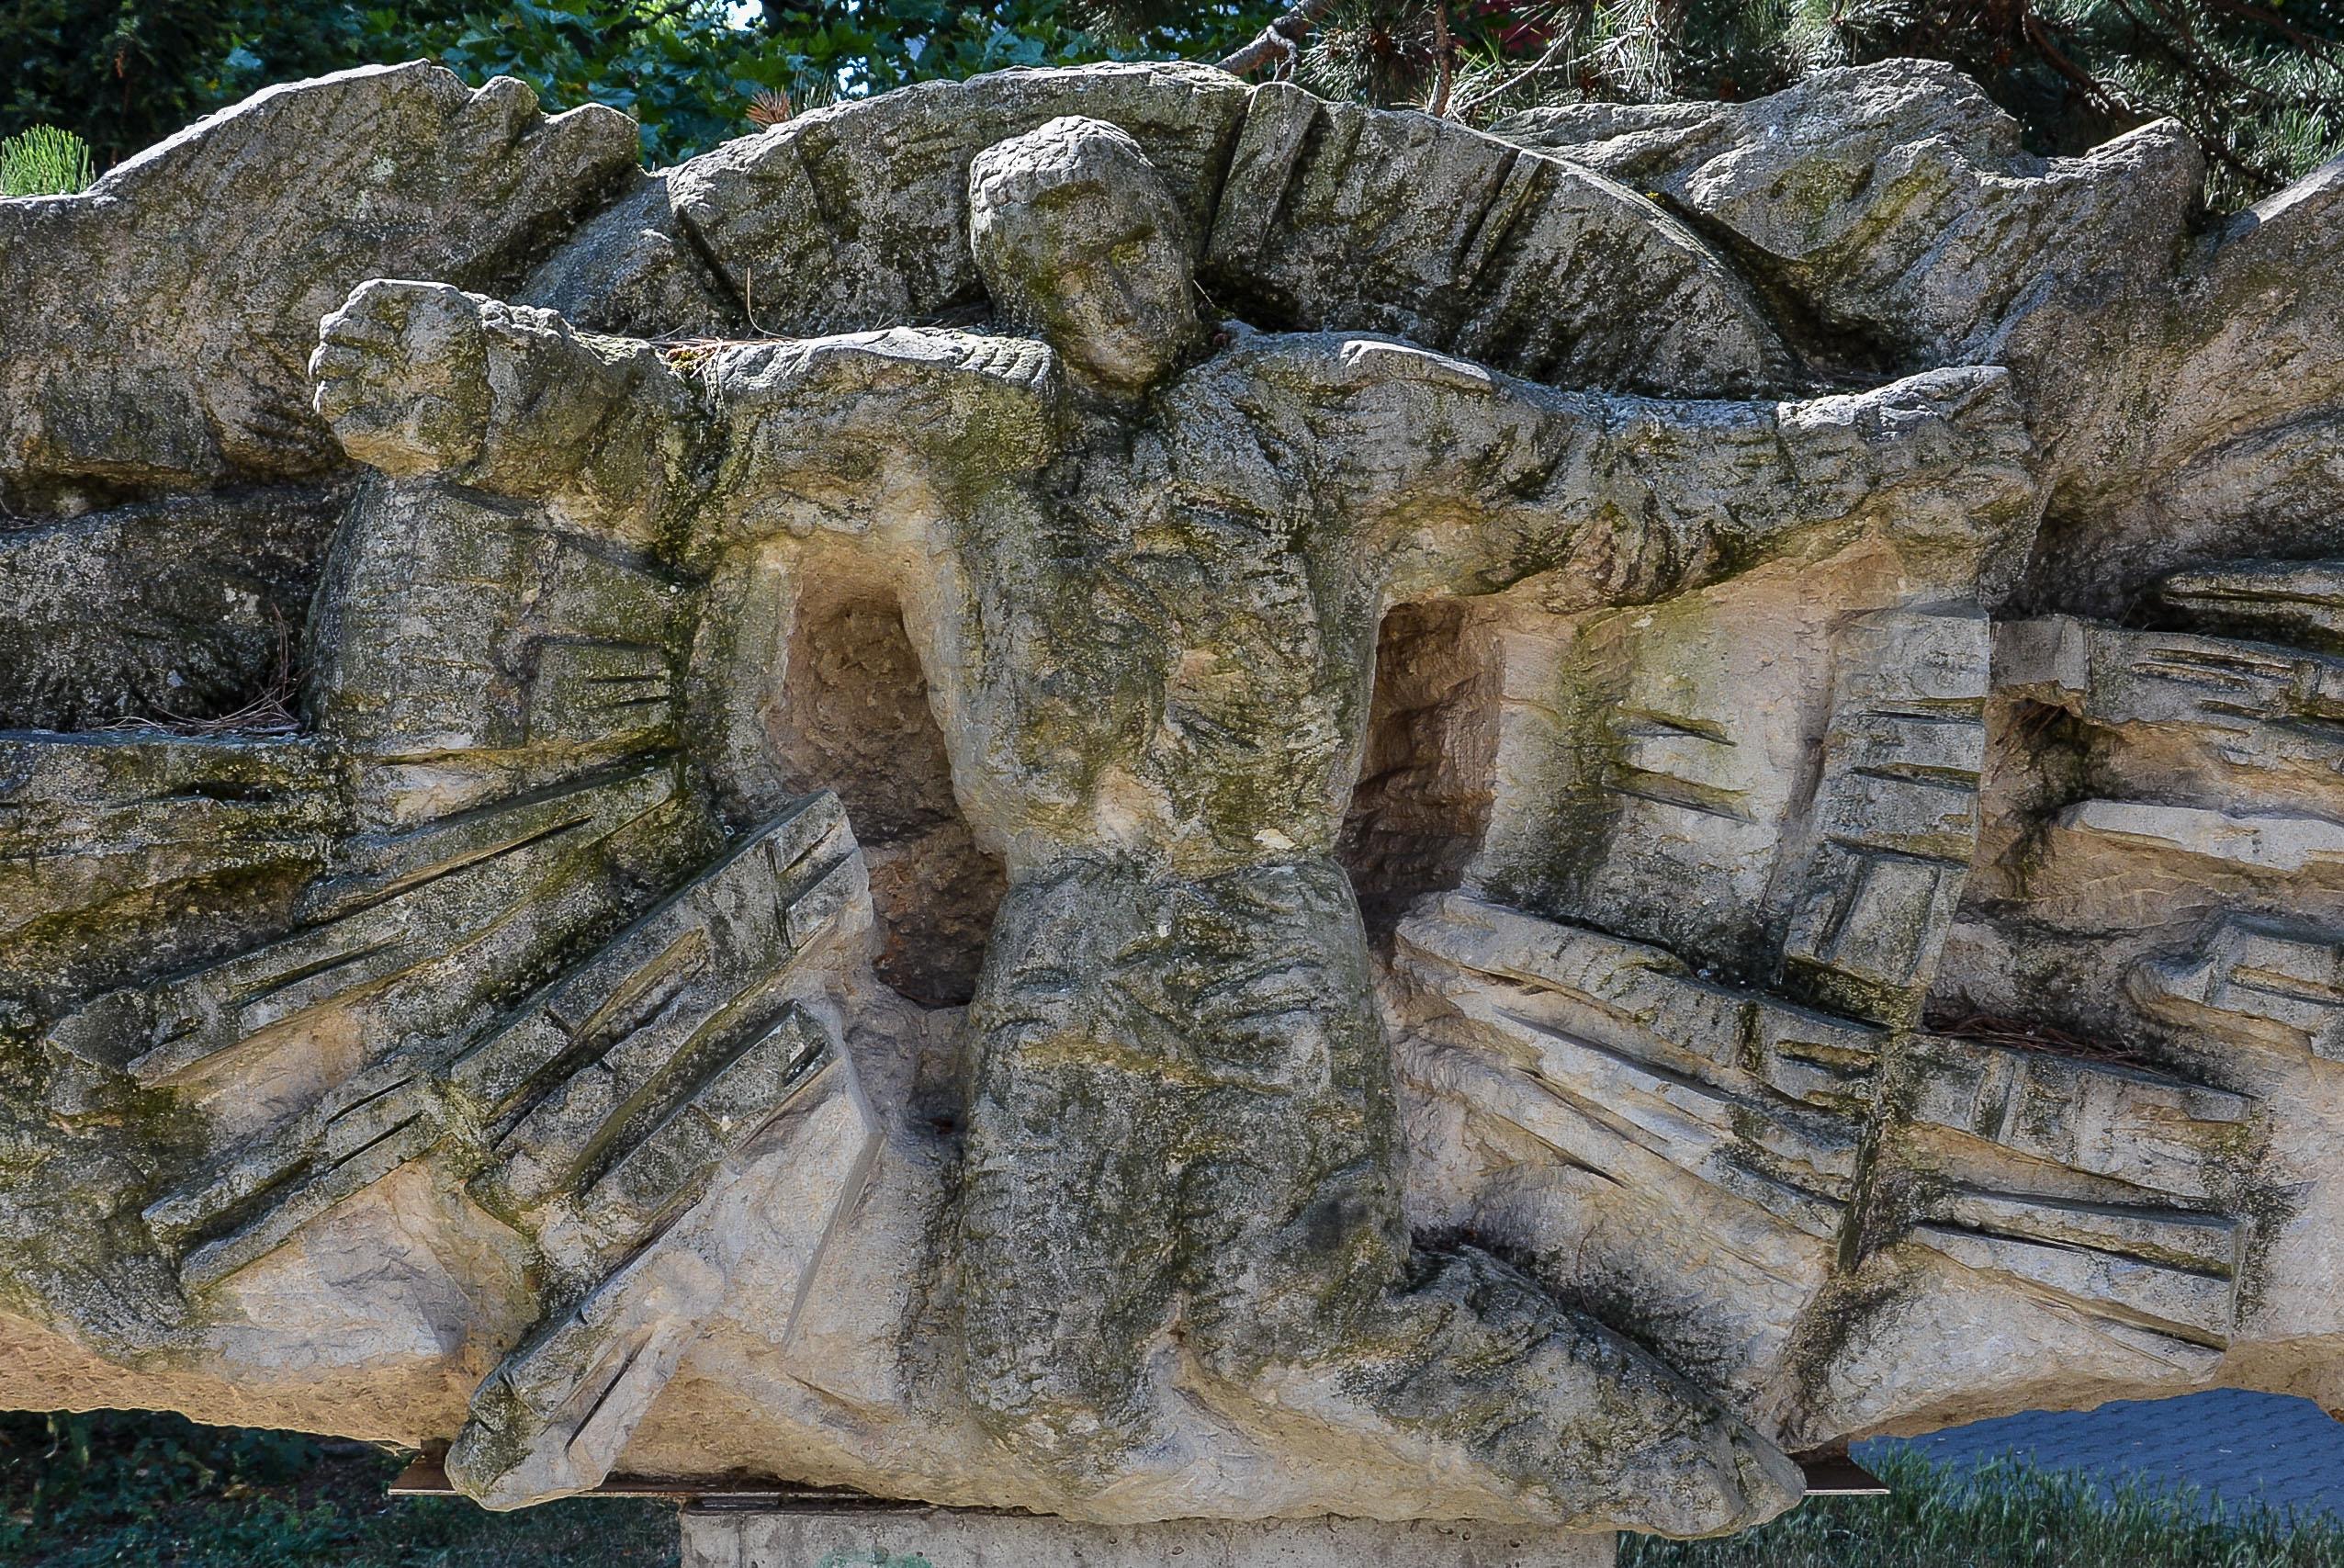 Chernobyl Memorial Berlin Lichtenberg fennpfuhlpark tschernobyl denkmal berlin deutschland juri sinkewitsch man knie